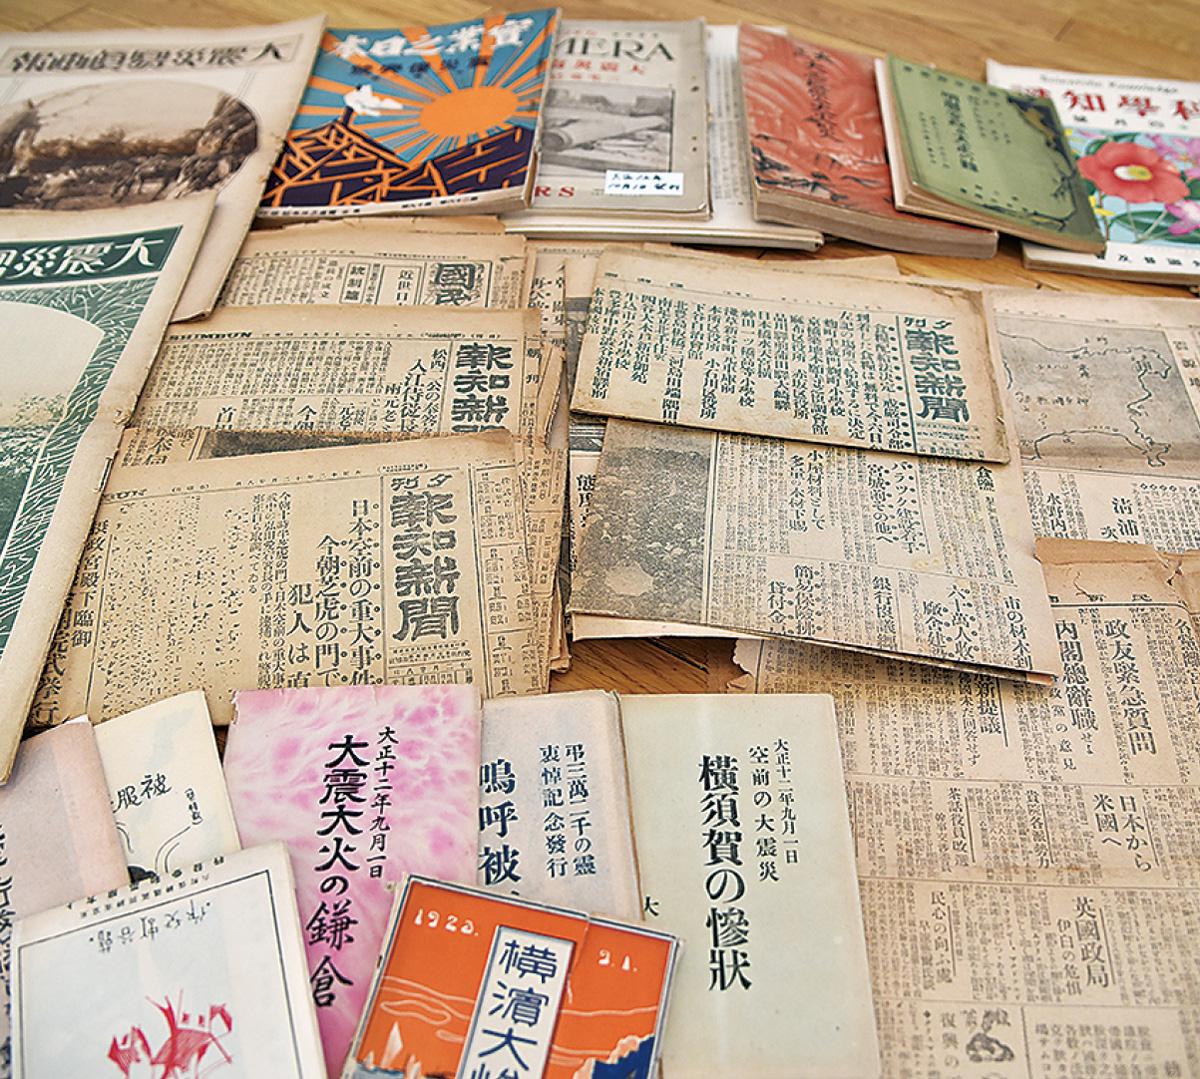 関東大震災の記憶辿る